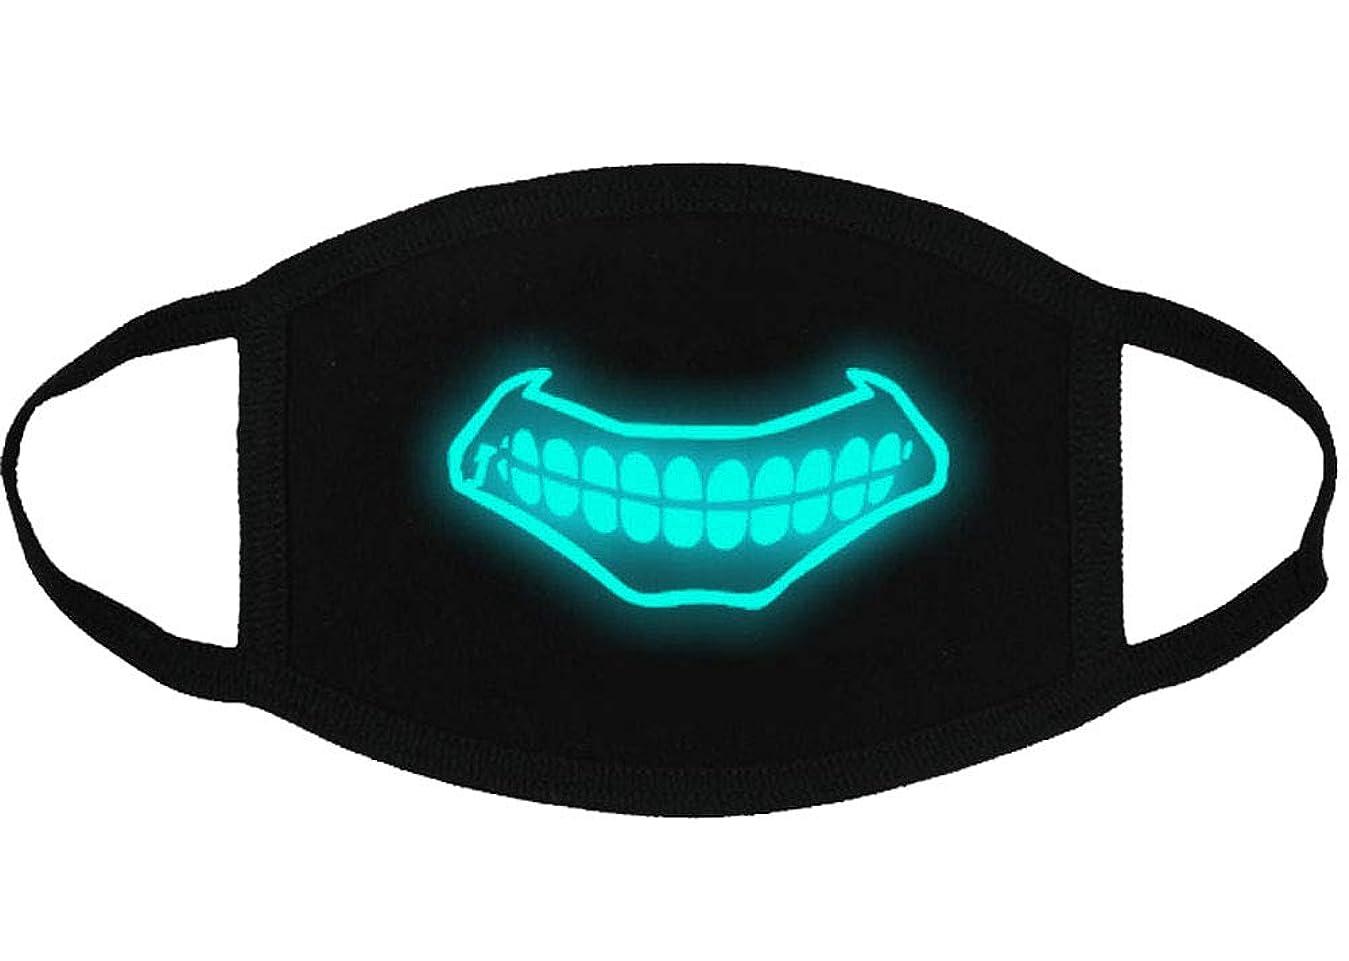 パースブラックボロウ調停するゴミ箱を空にするクールな光沢のある歯のパターンコットンブレンドアンチダストフェイスマスク、Y4